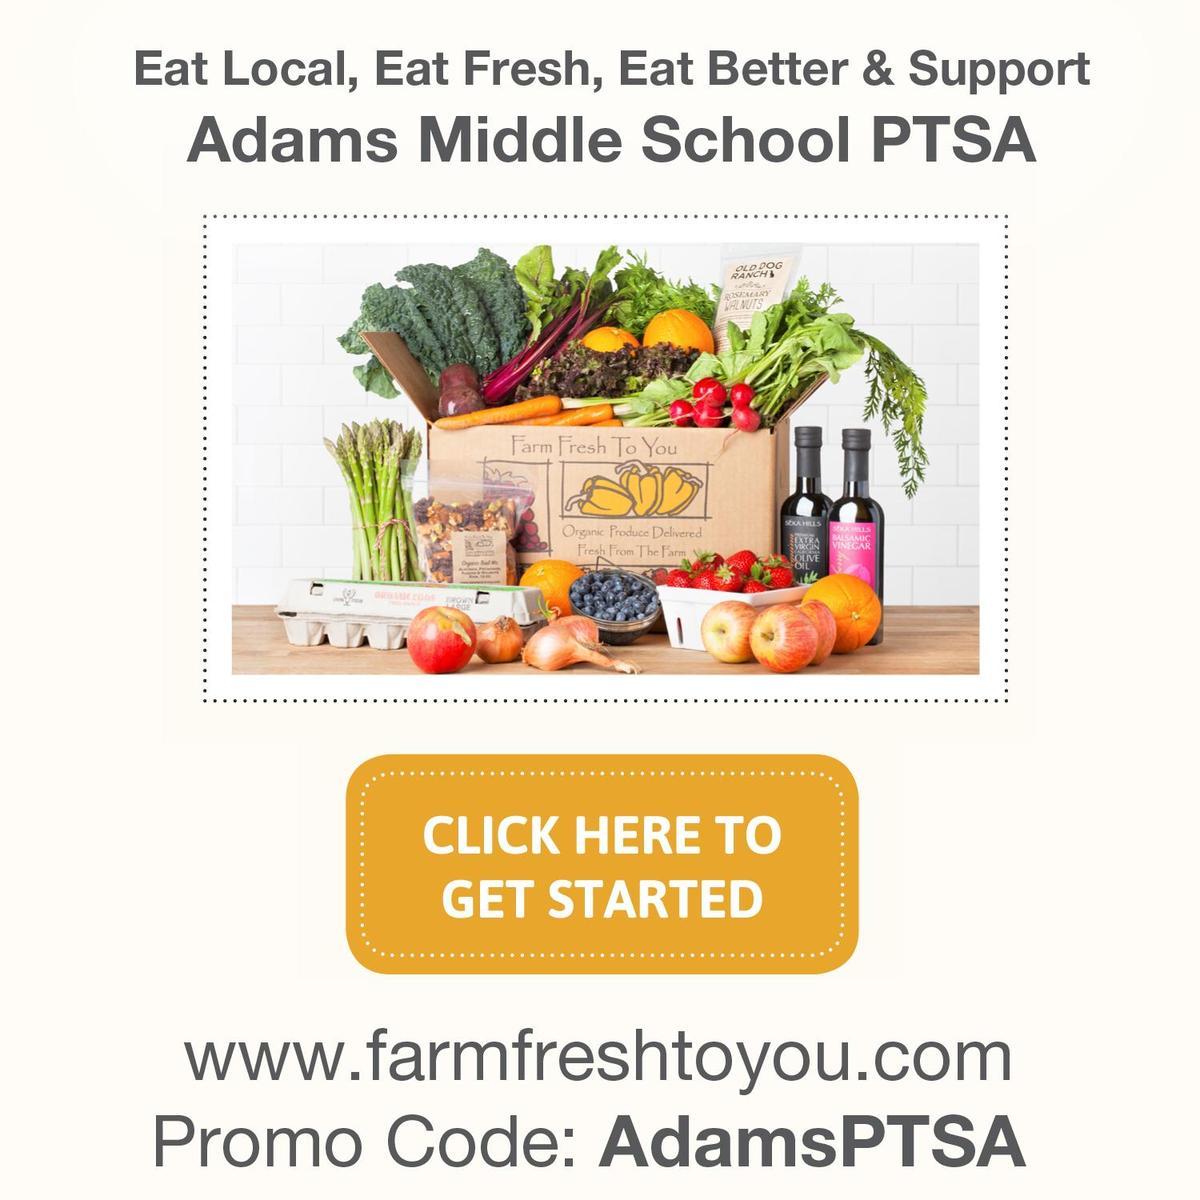 www.farmfreshtoyou.com